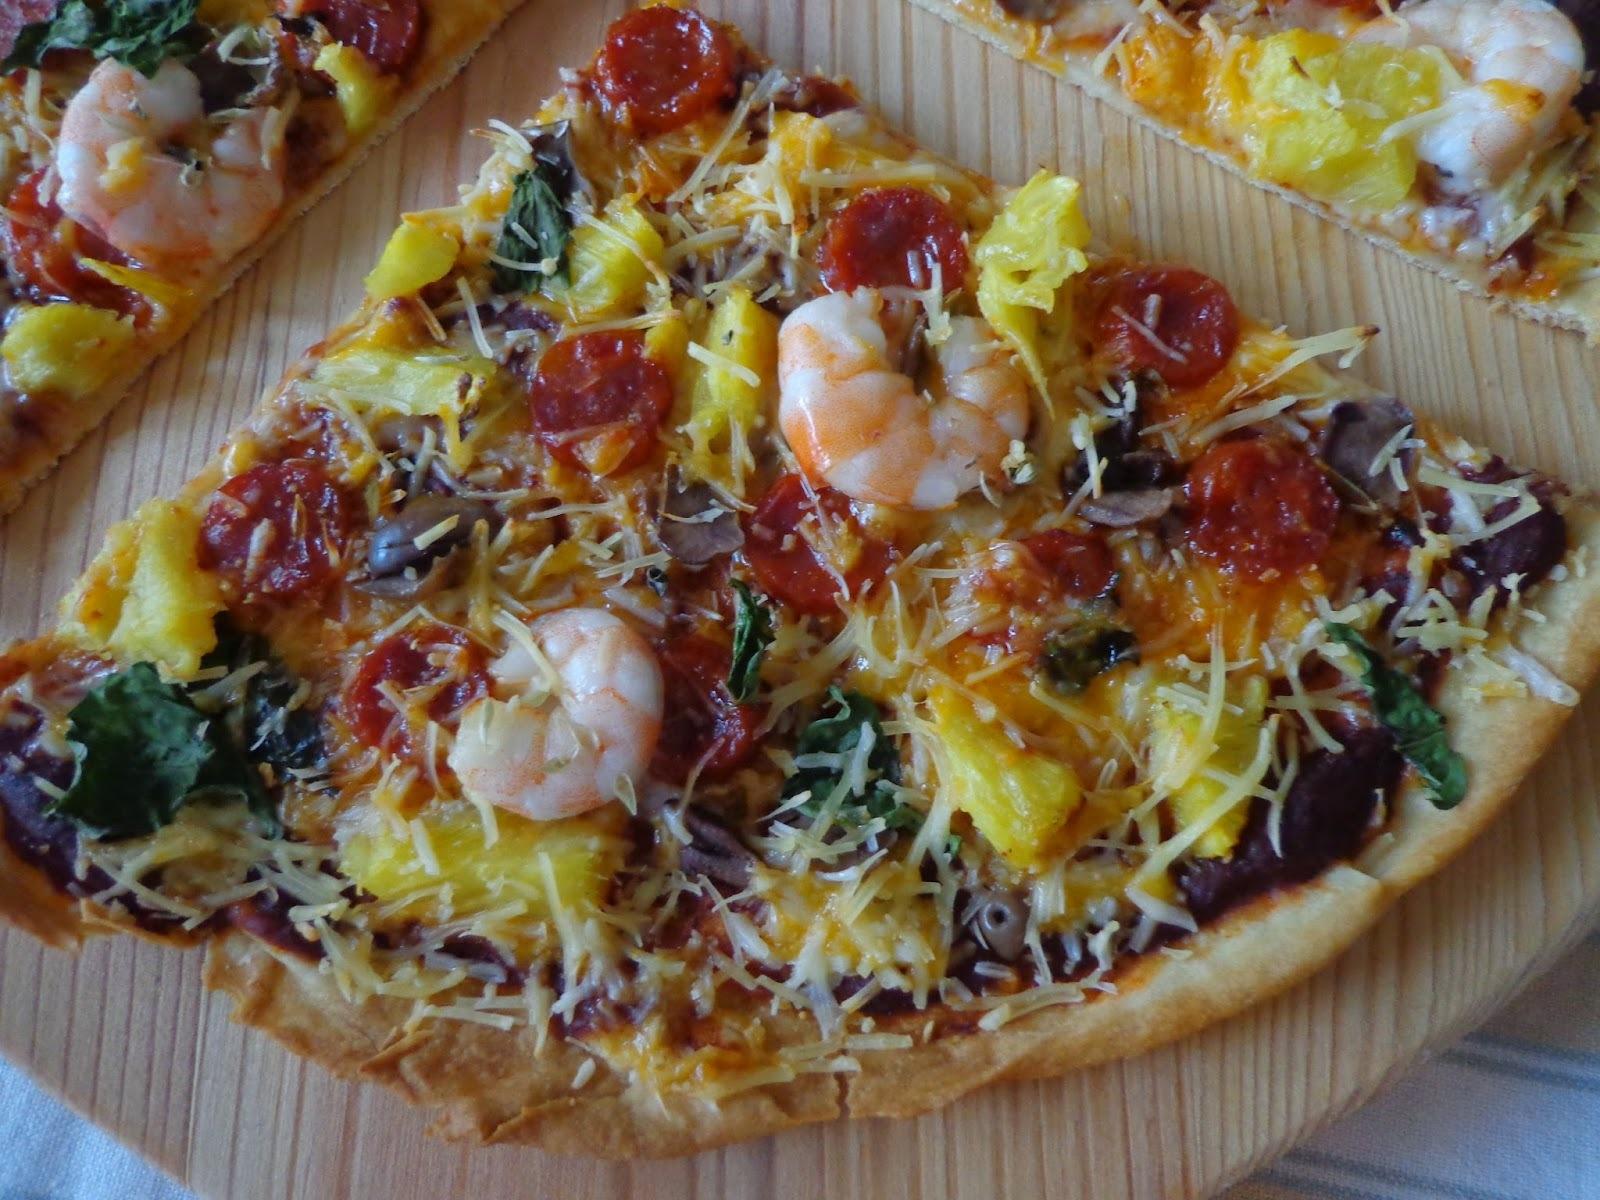 Pizza de camarão, linguiça, azeitonas e ananás aromatizada com manjericão